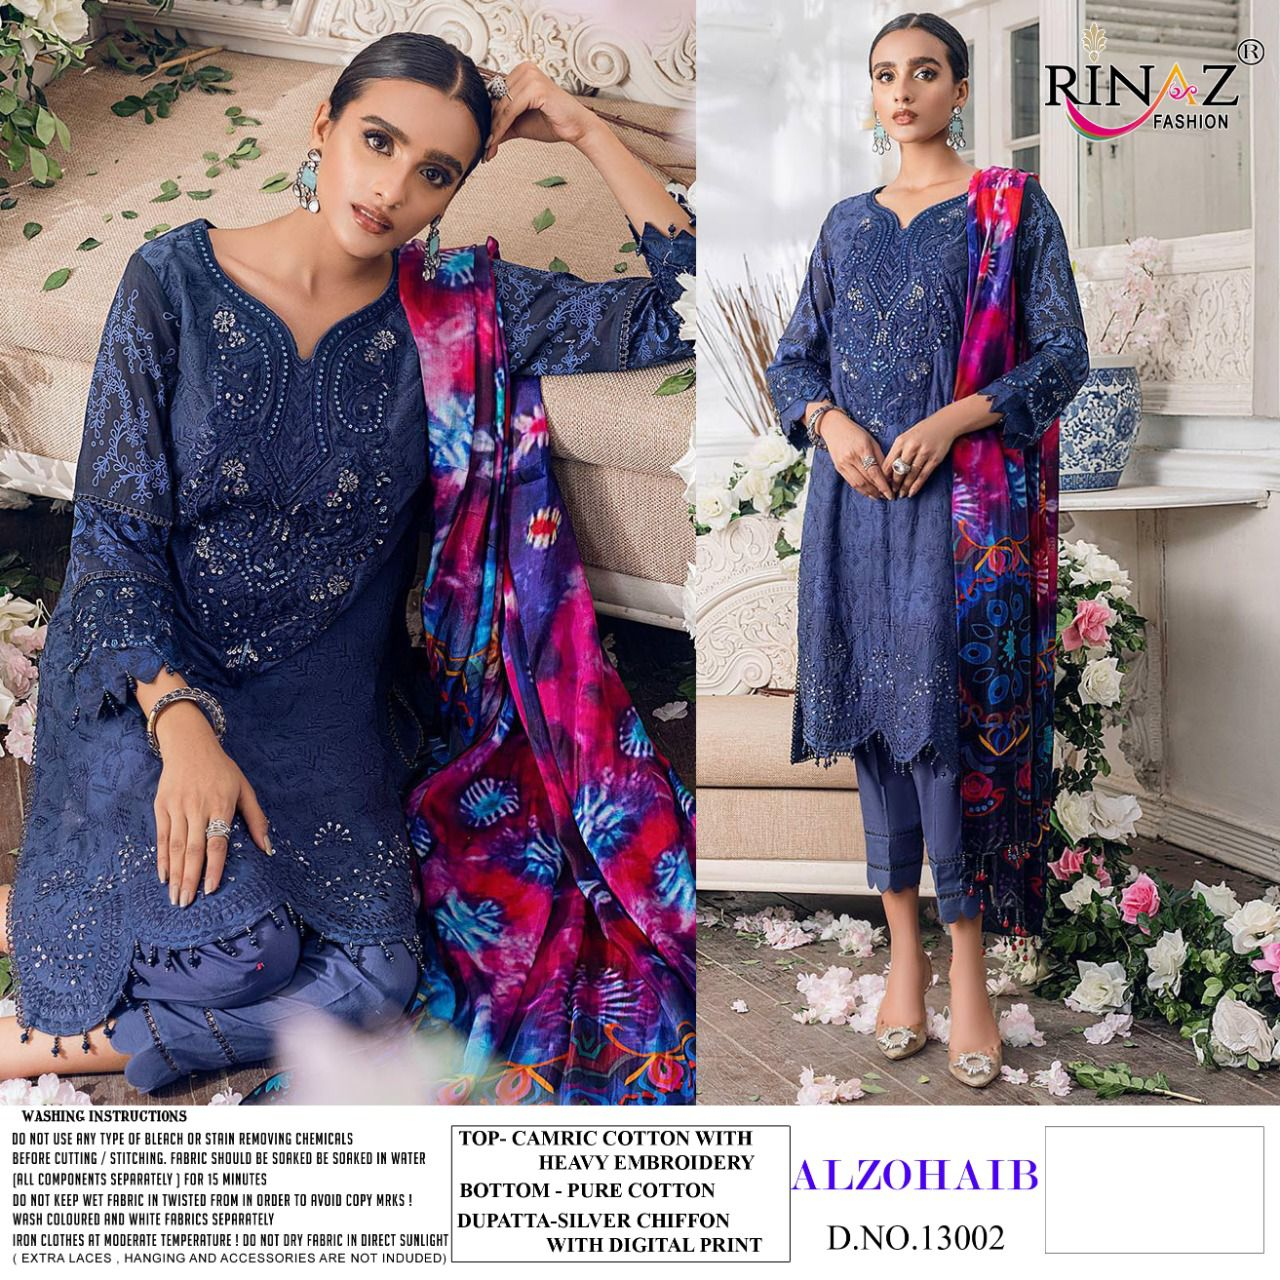 Rinaz Alzohaib Wholesale Pakistani Concept Dress